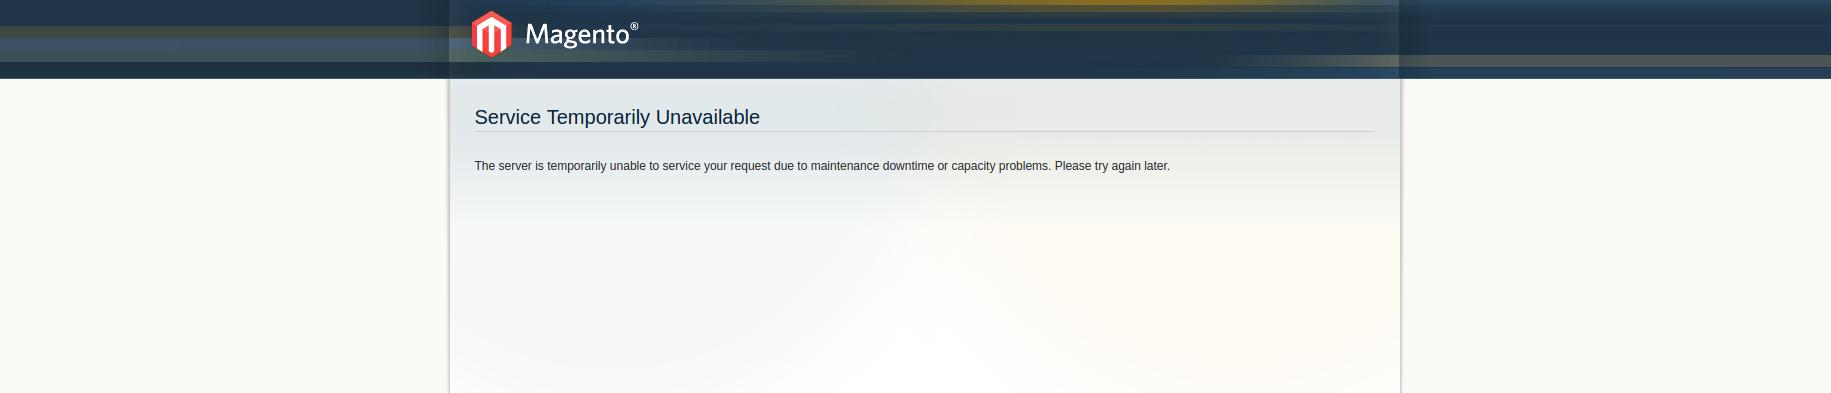 Magento Error 503 Service Unavailable